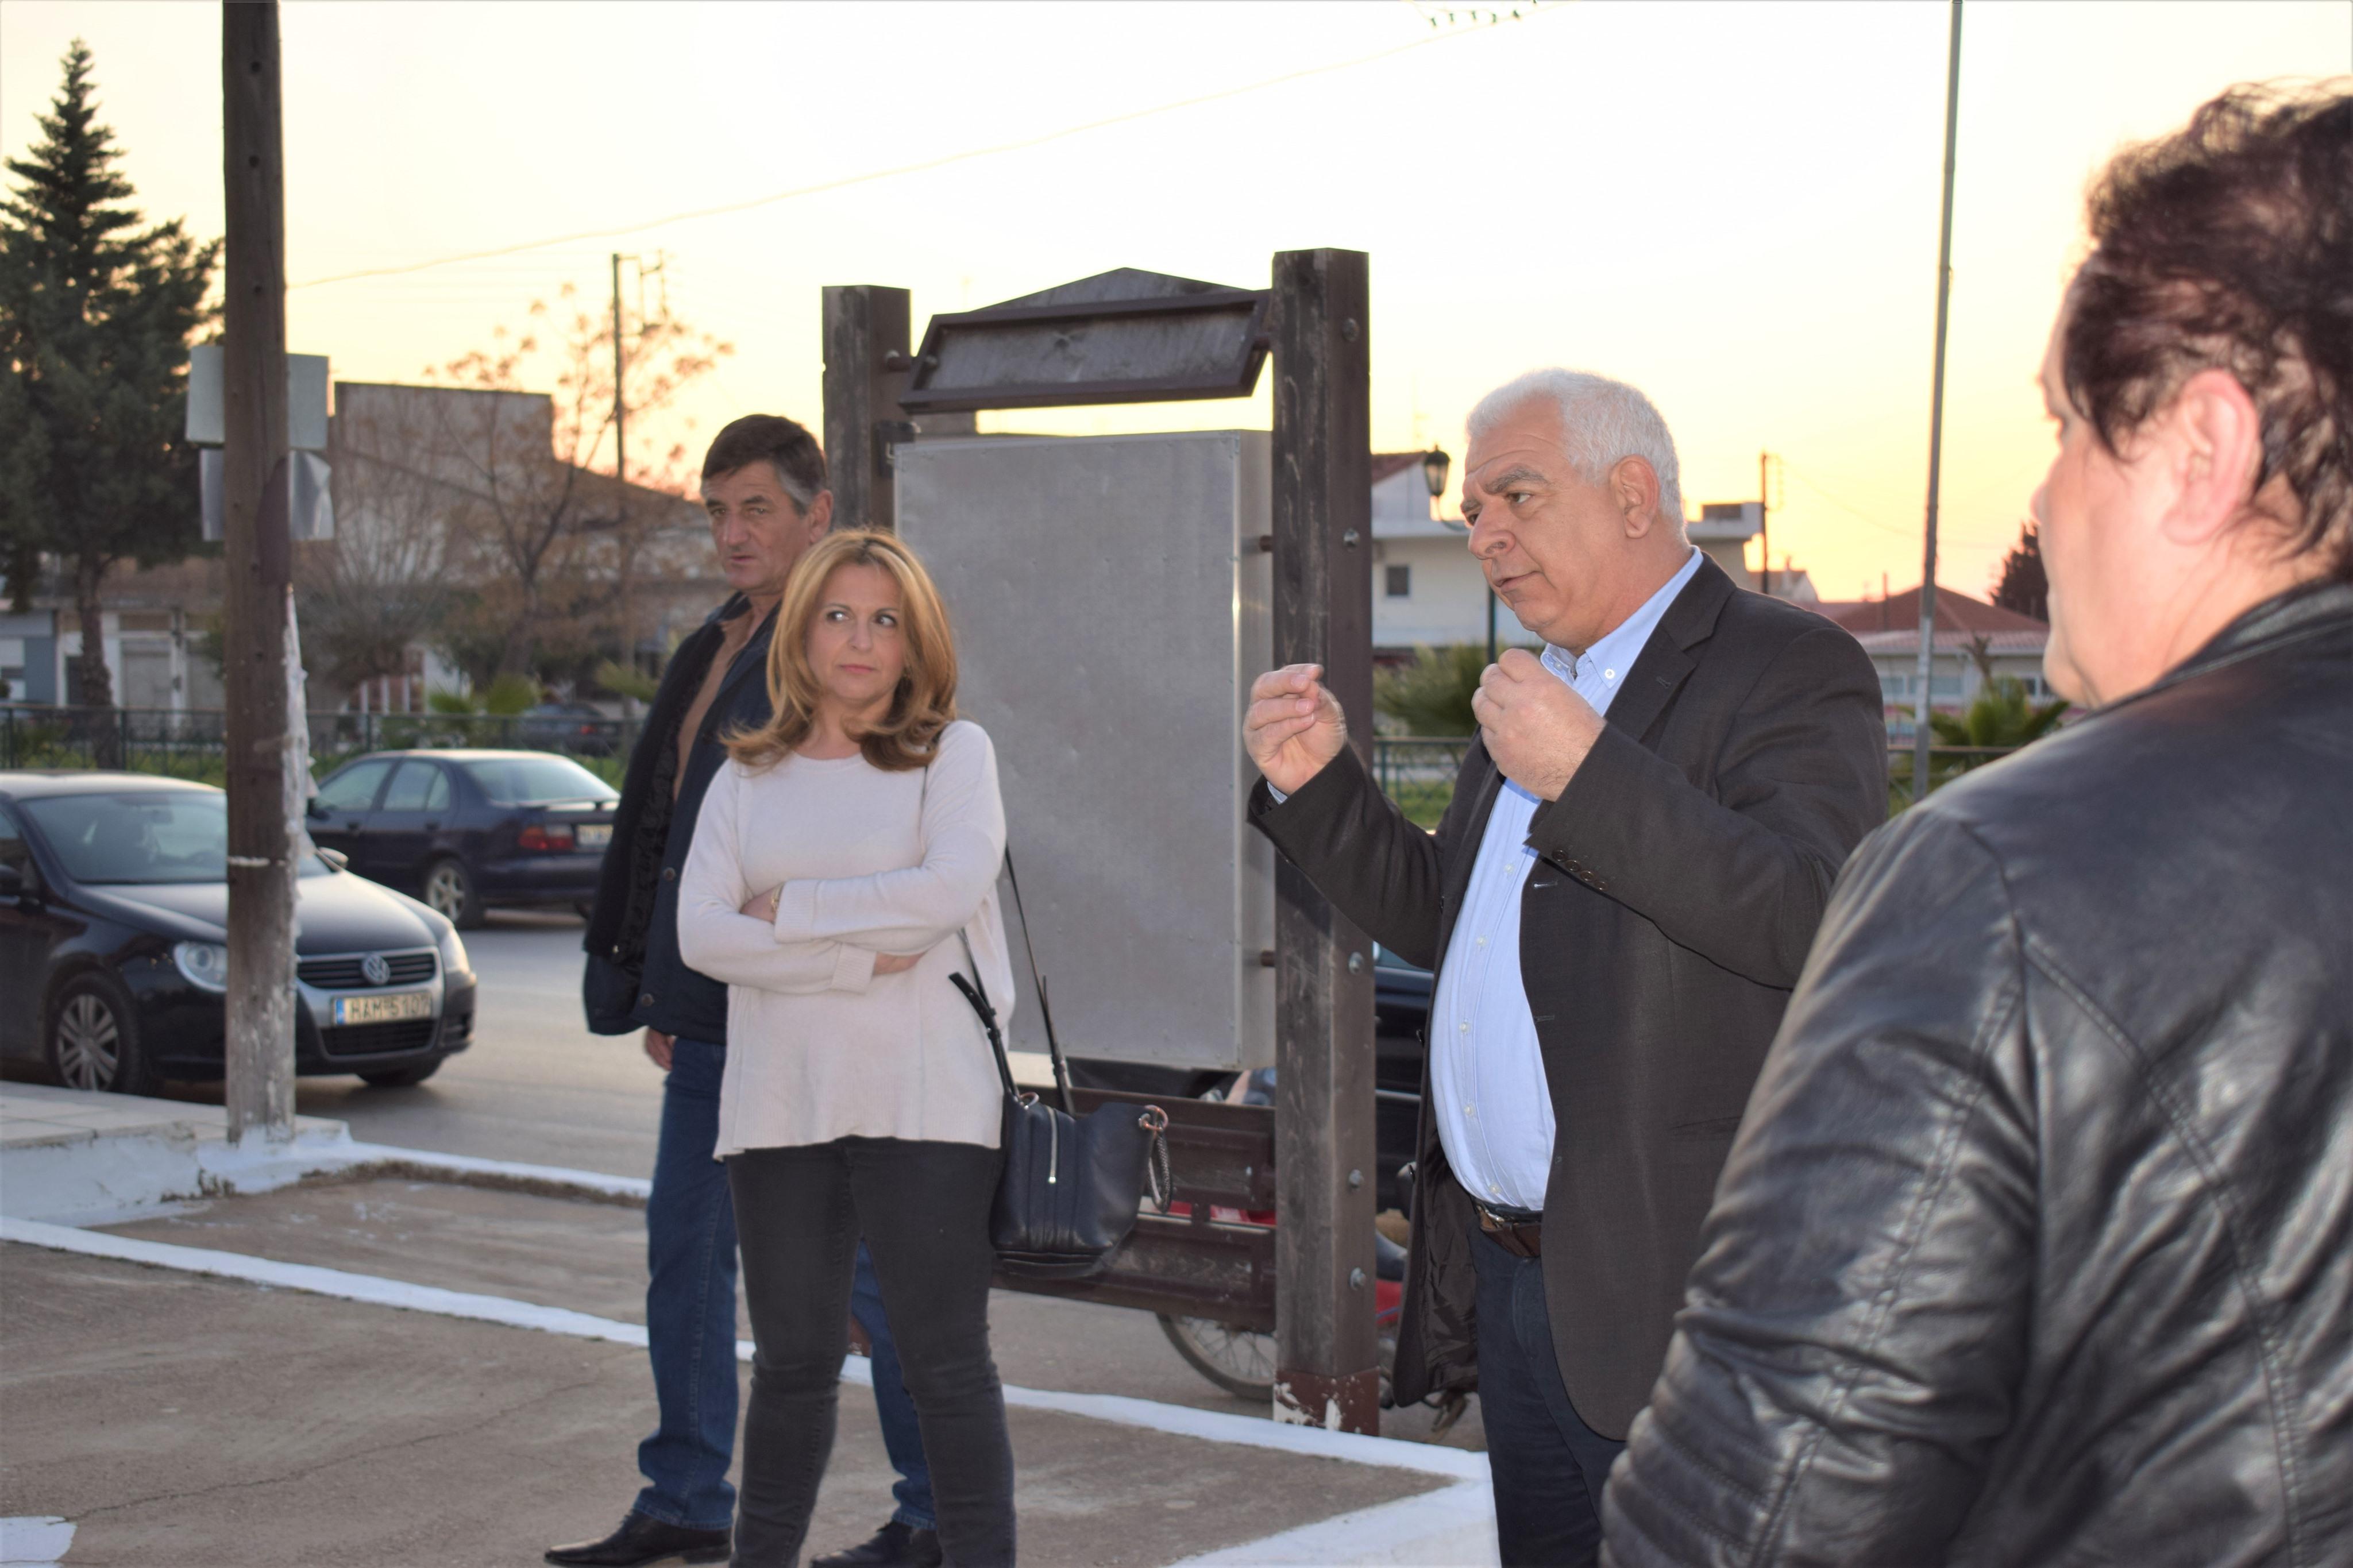 Δήμος Ανδραβίδας-Κυλλήνης και Ιατρικός Σύλλογος Αμαλιάδας: Μπαράζ ενημέρωσης σε πρόσφυγες και εργάτες γης κατά της διασποράς του Κορωνοϊού (Photos)